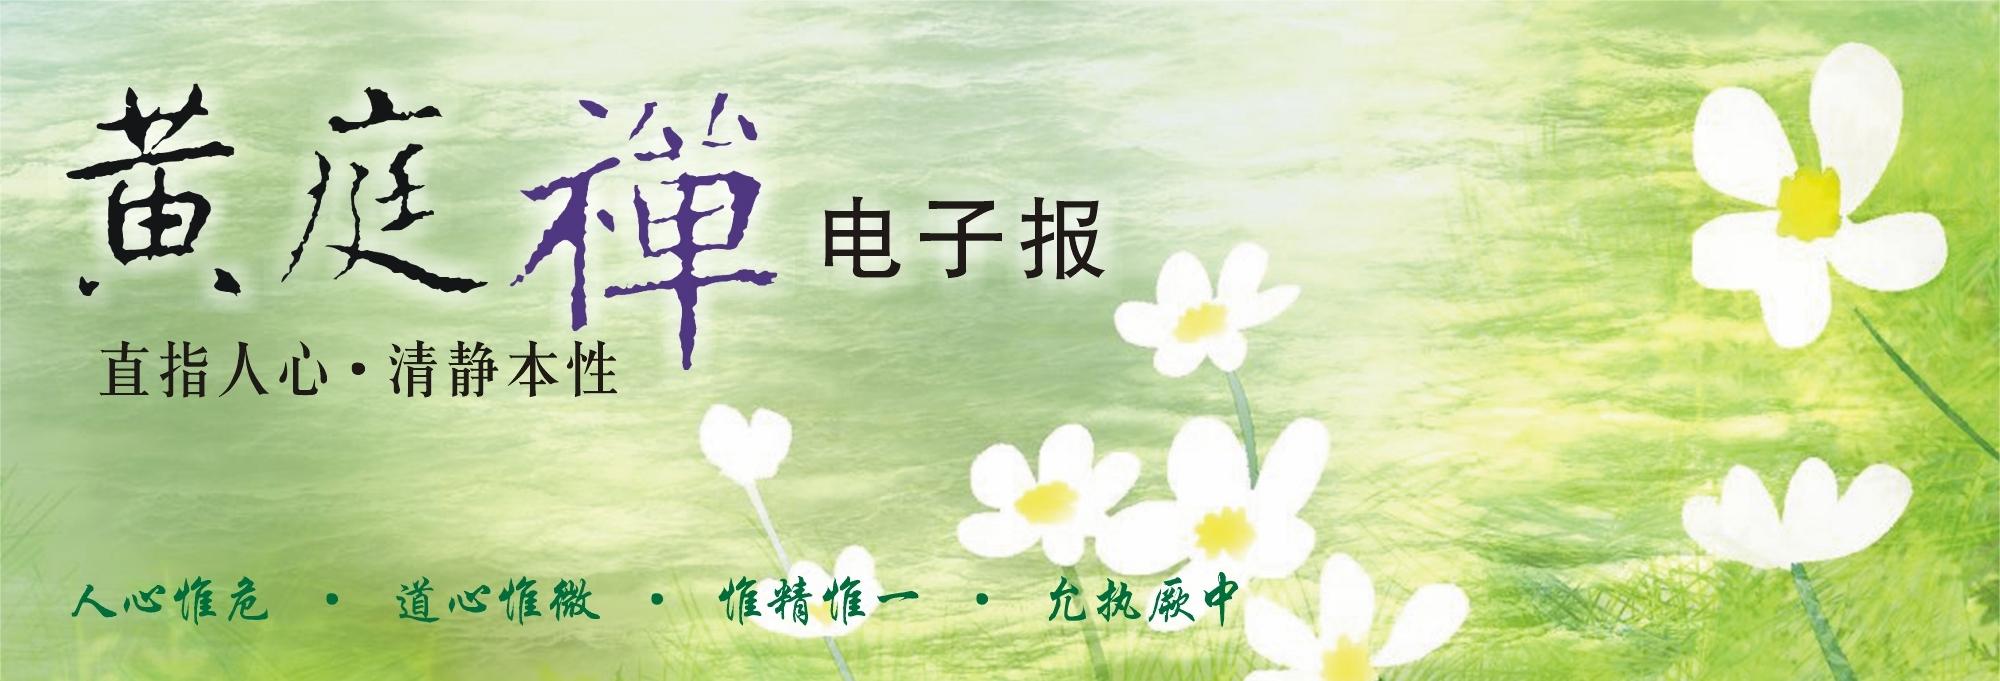 中华黄庭禅学会2016.08.21电子报